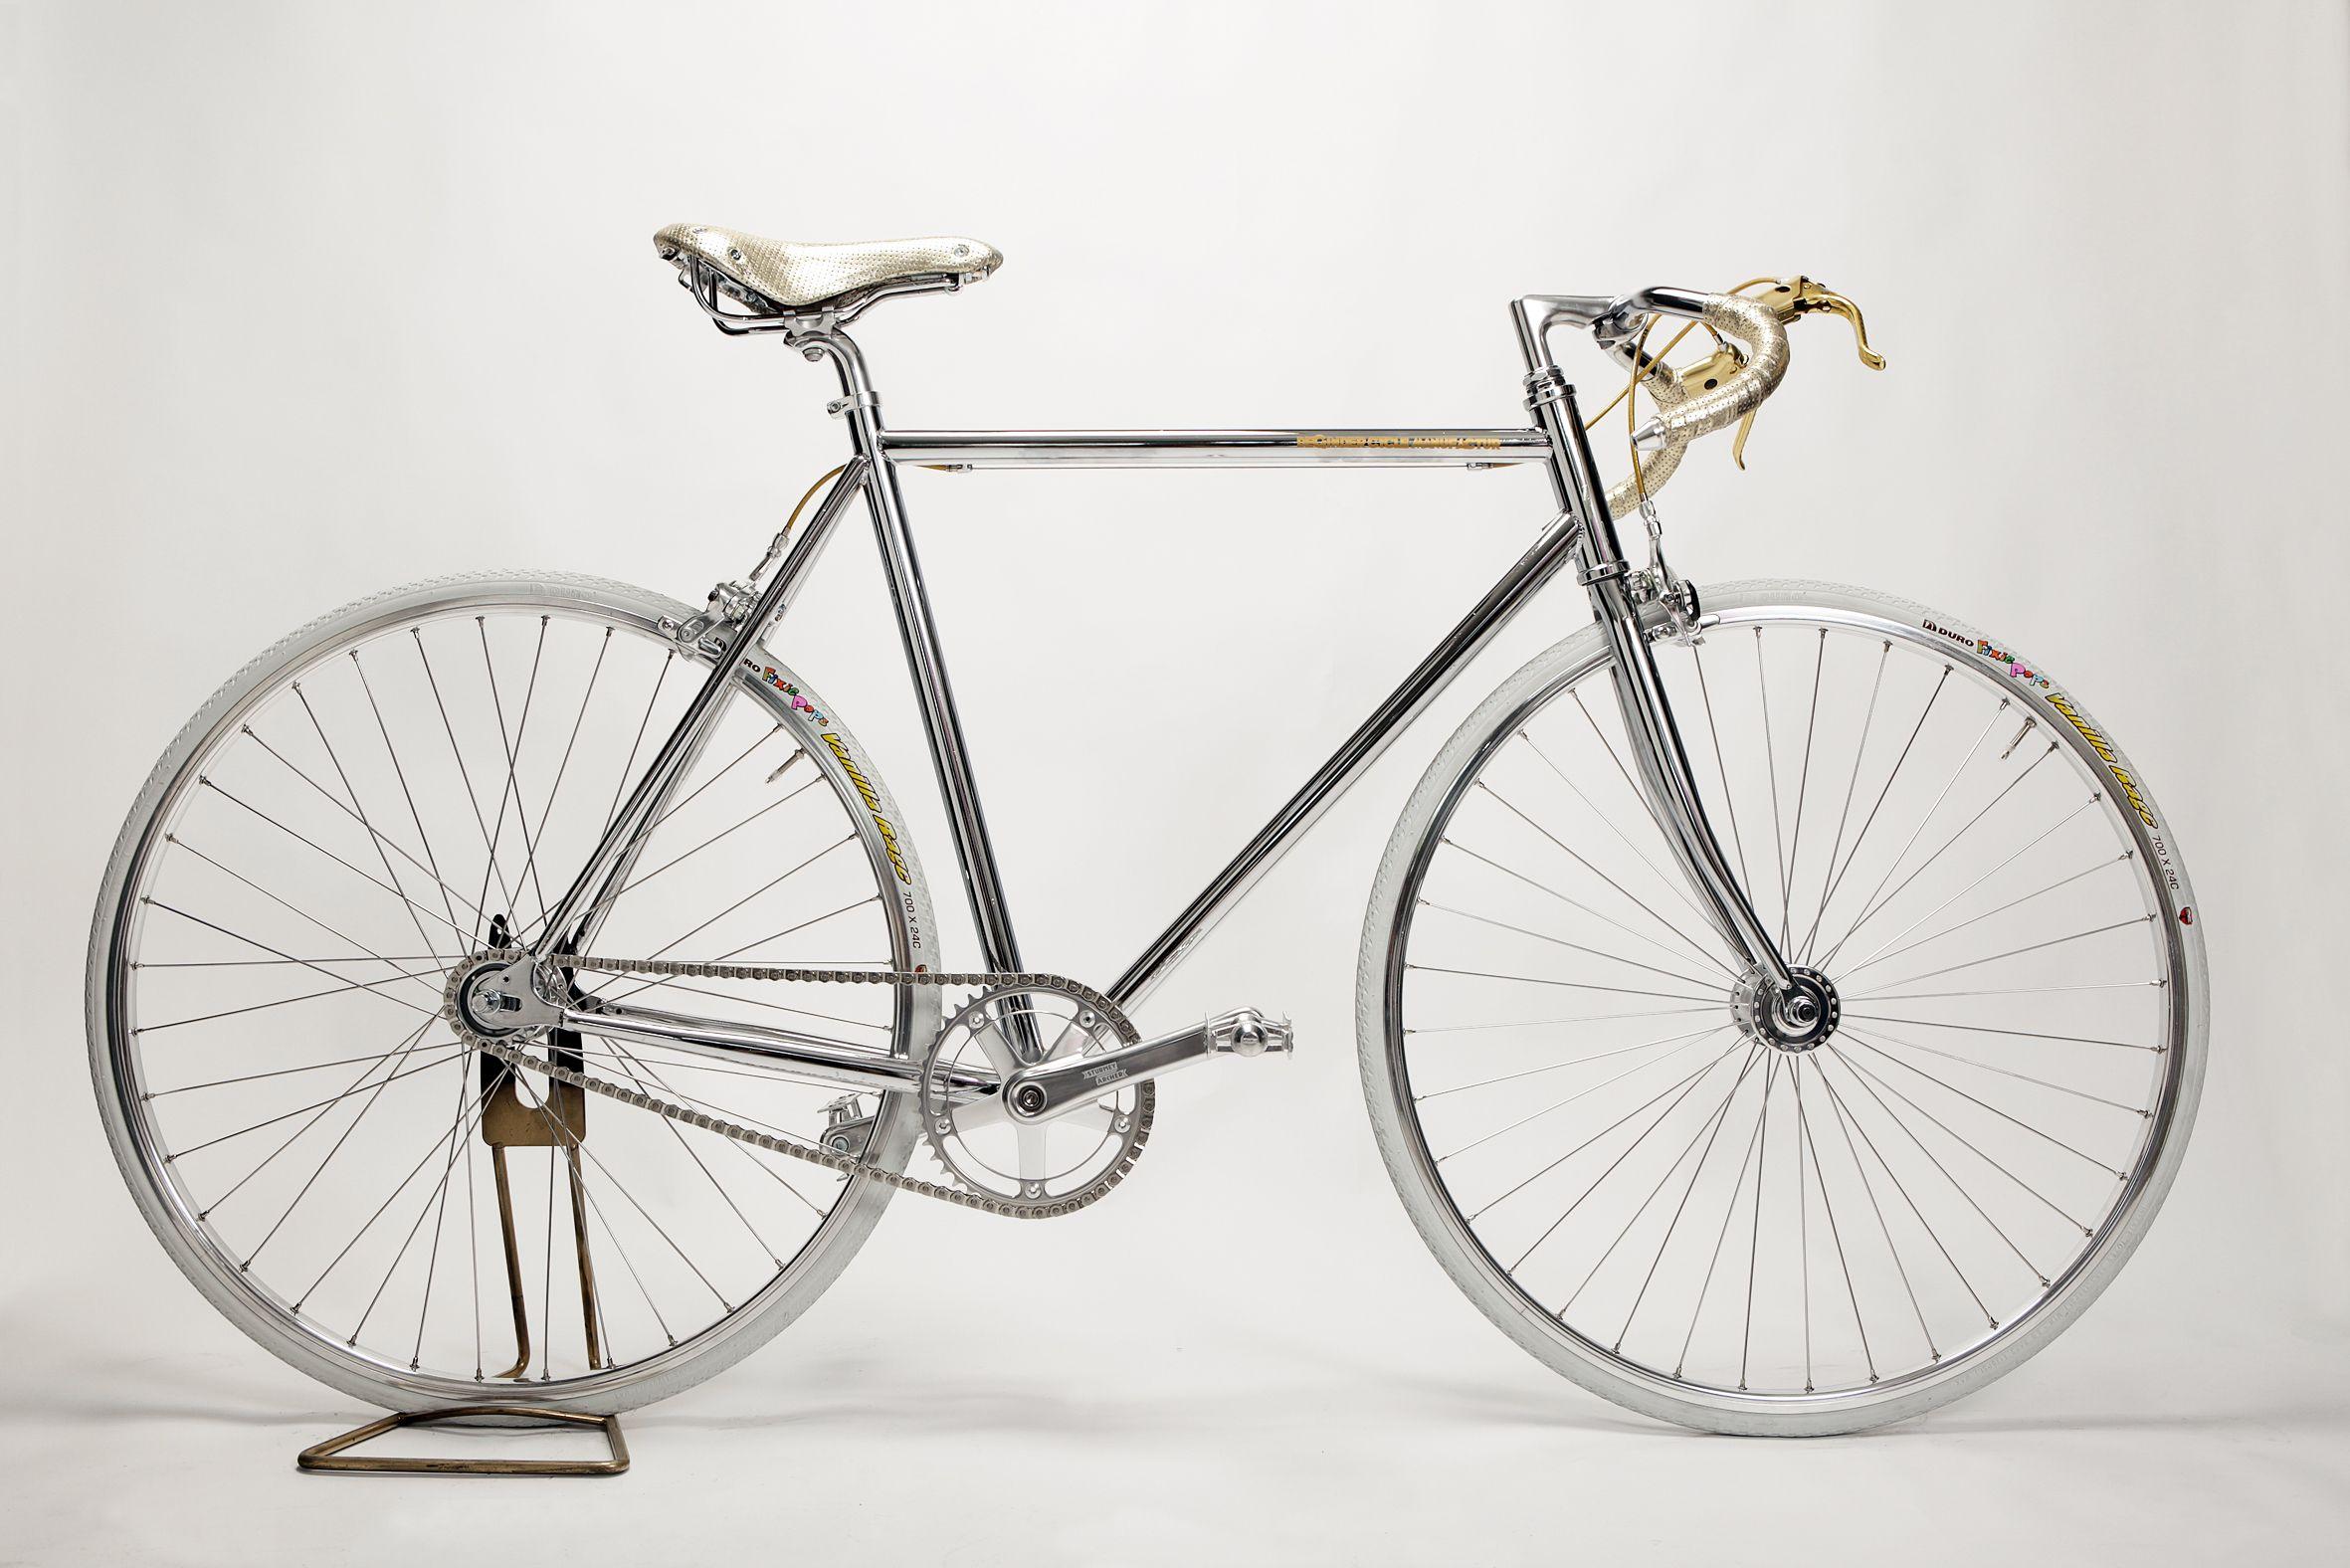 Deginder Cycle Manufactur Www Dcm Berlin De Deginder Cycle